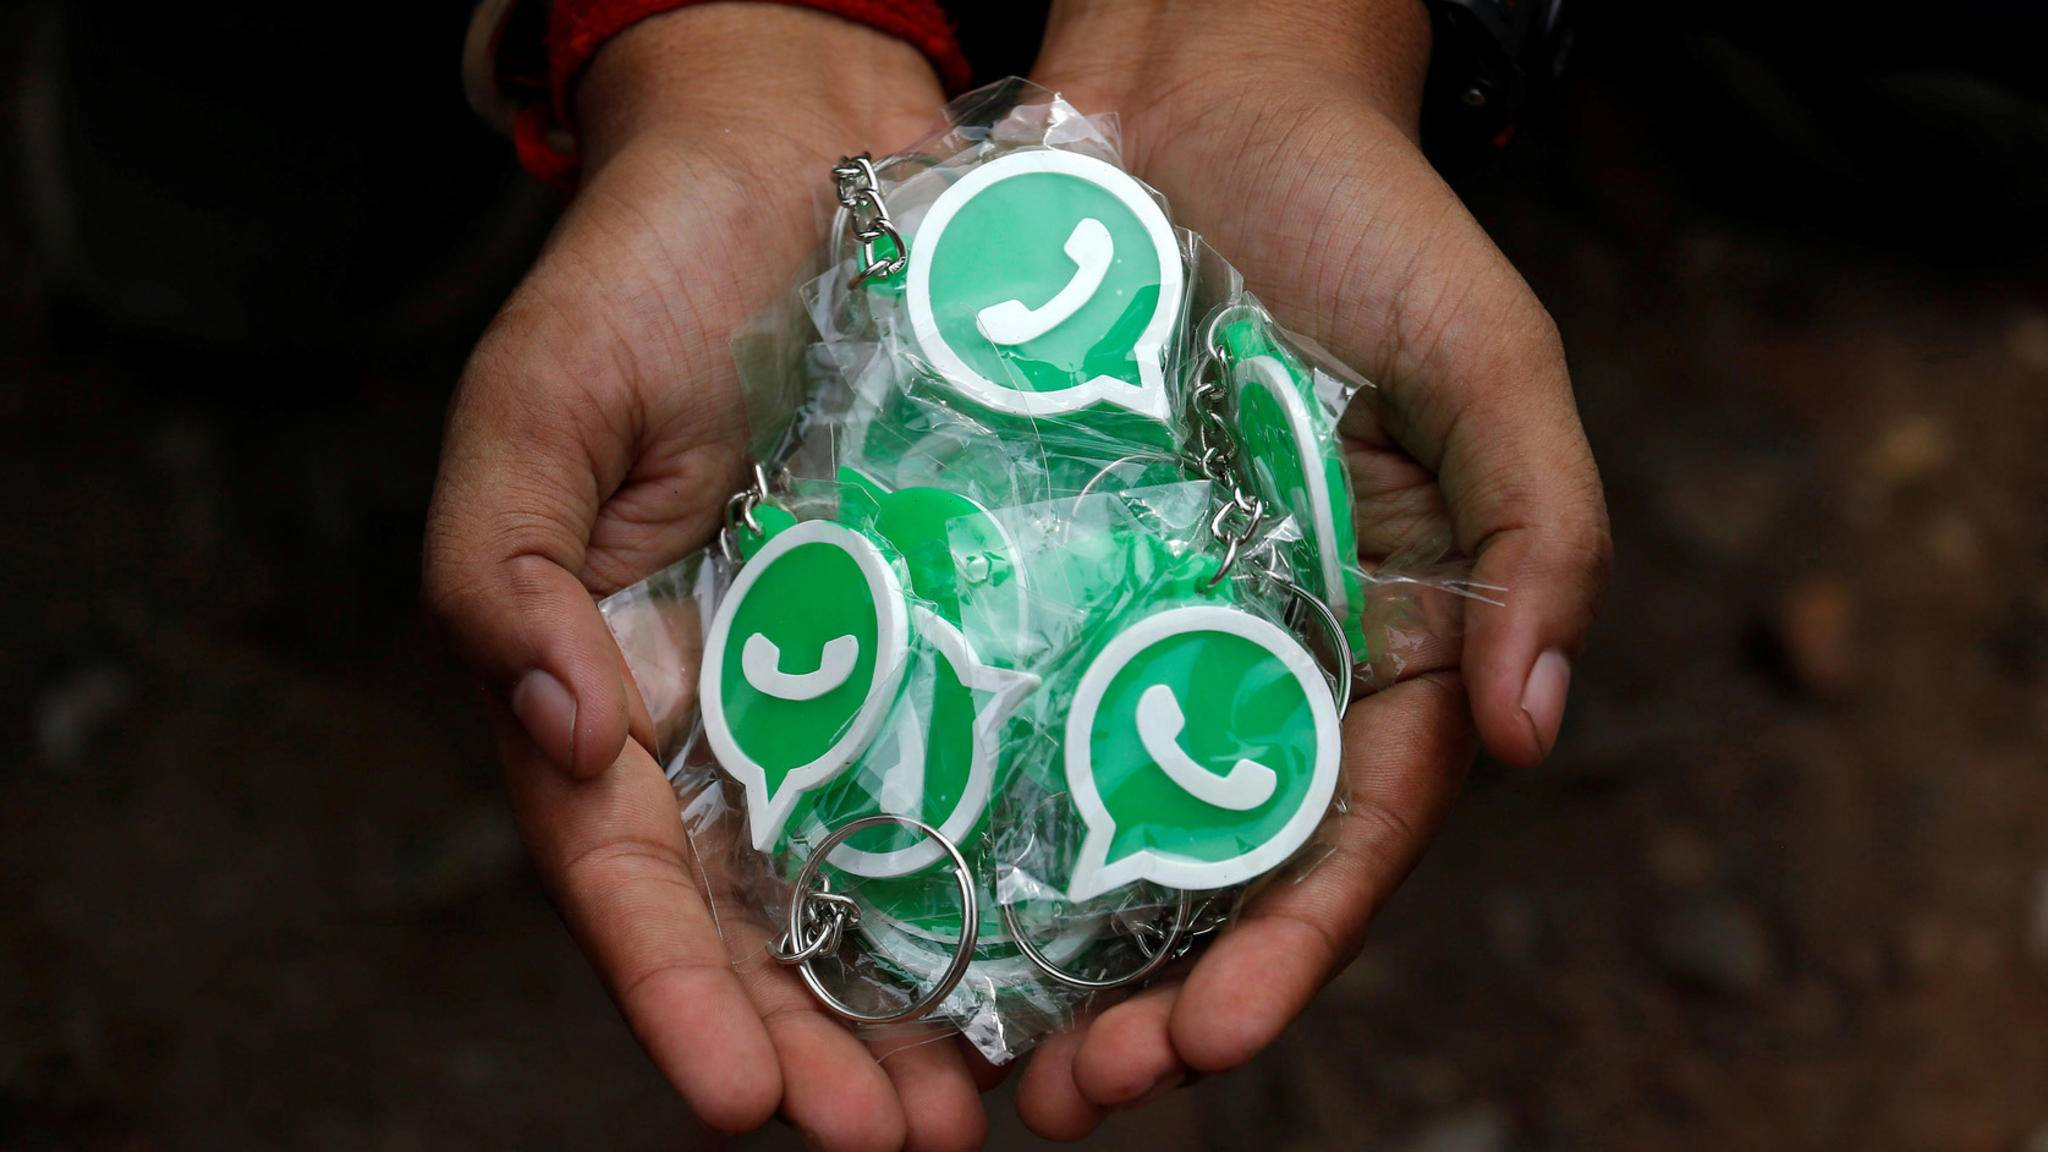 Wer den neuen WhatsApp-AGB skeptisch gegenübersteht, darf aufatmen – vorerst drohen keine Konsequenzen.